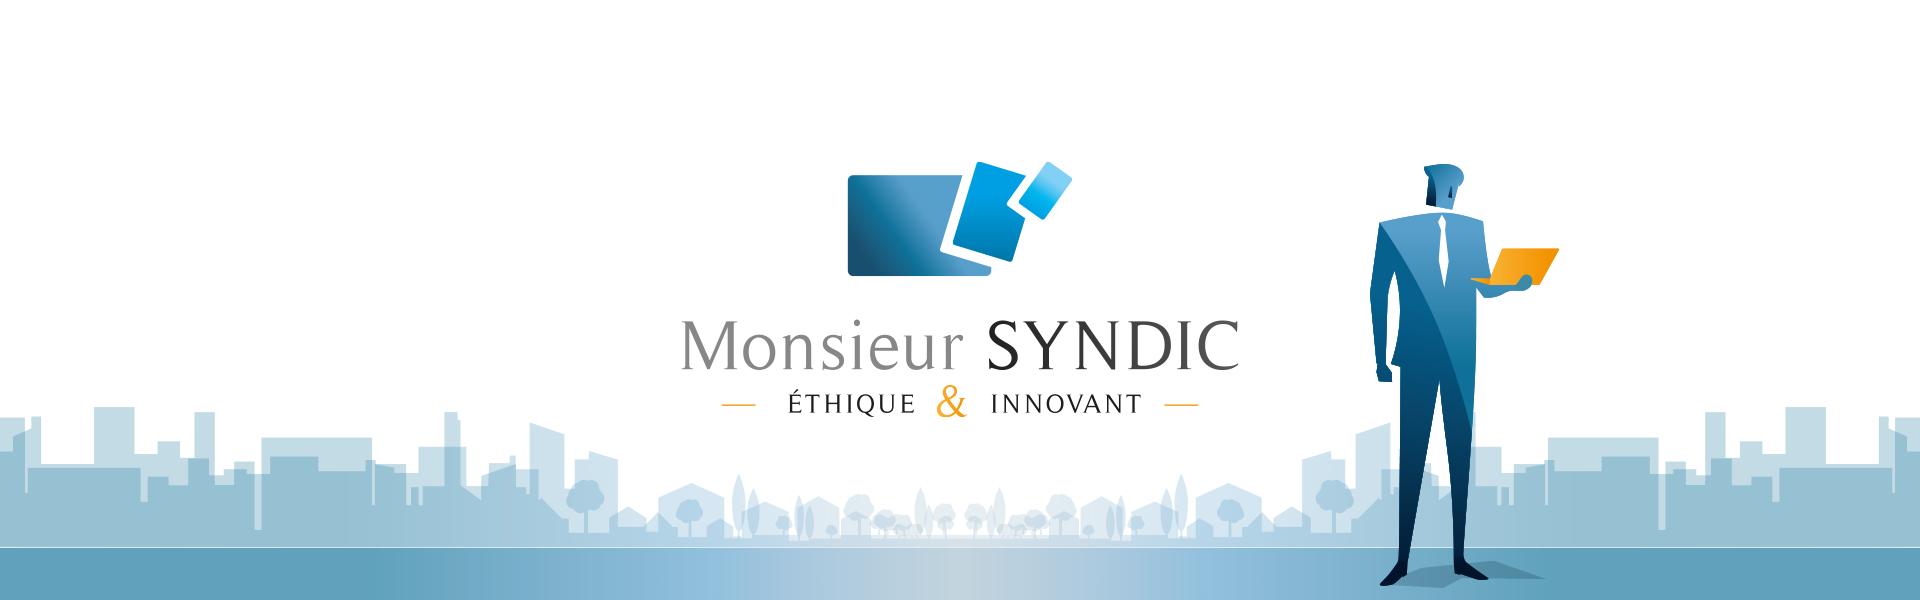 Monsieur Syndic | Syndic de copropriété éthique et innovant -41